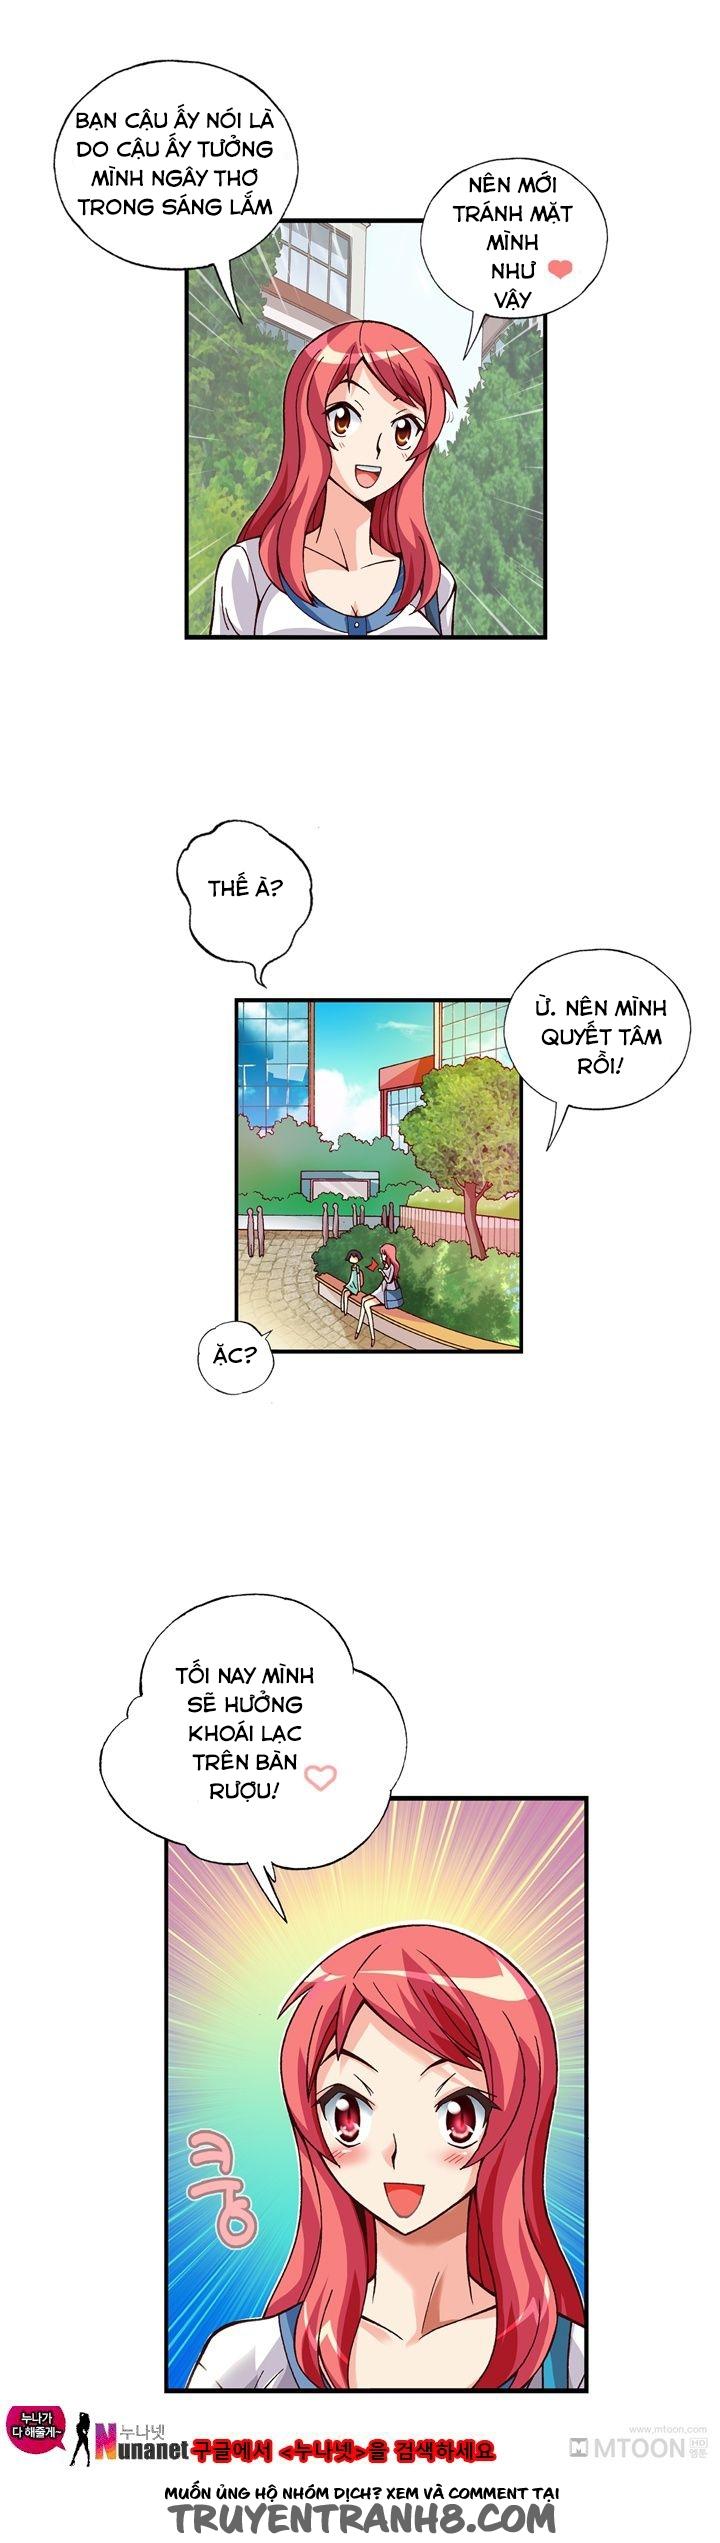 Hình ảnh 13 trong bài viết [Siêu phẩm] Hentai Màu Xin lỗi tớ thật dâm đãng